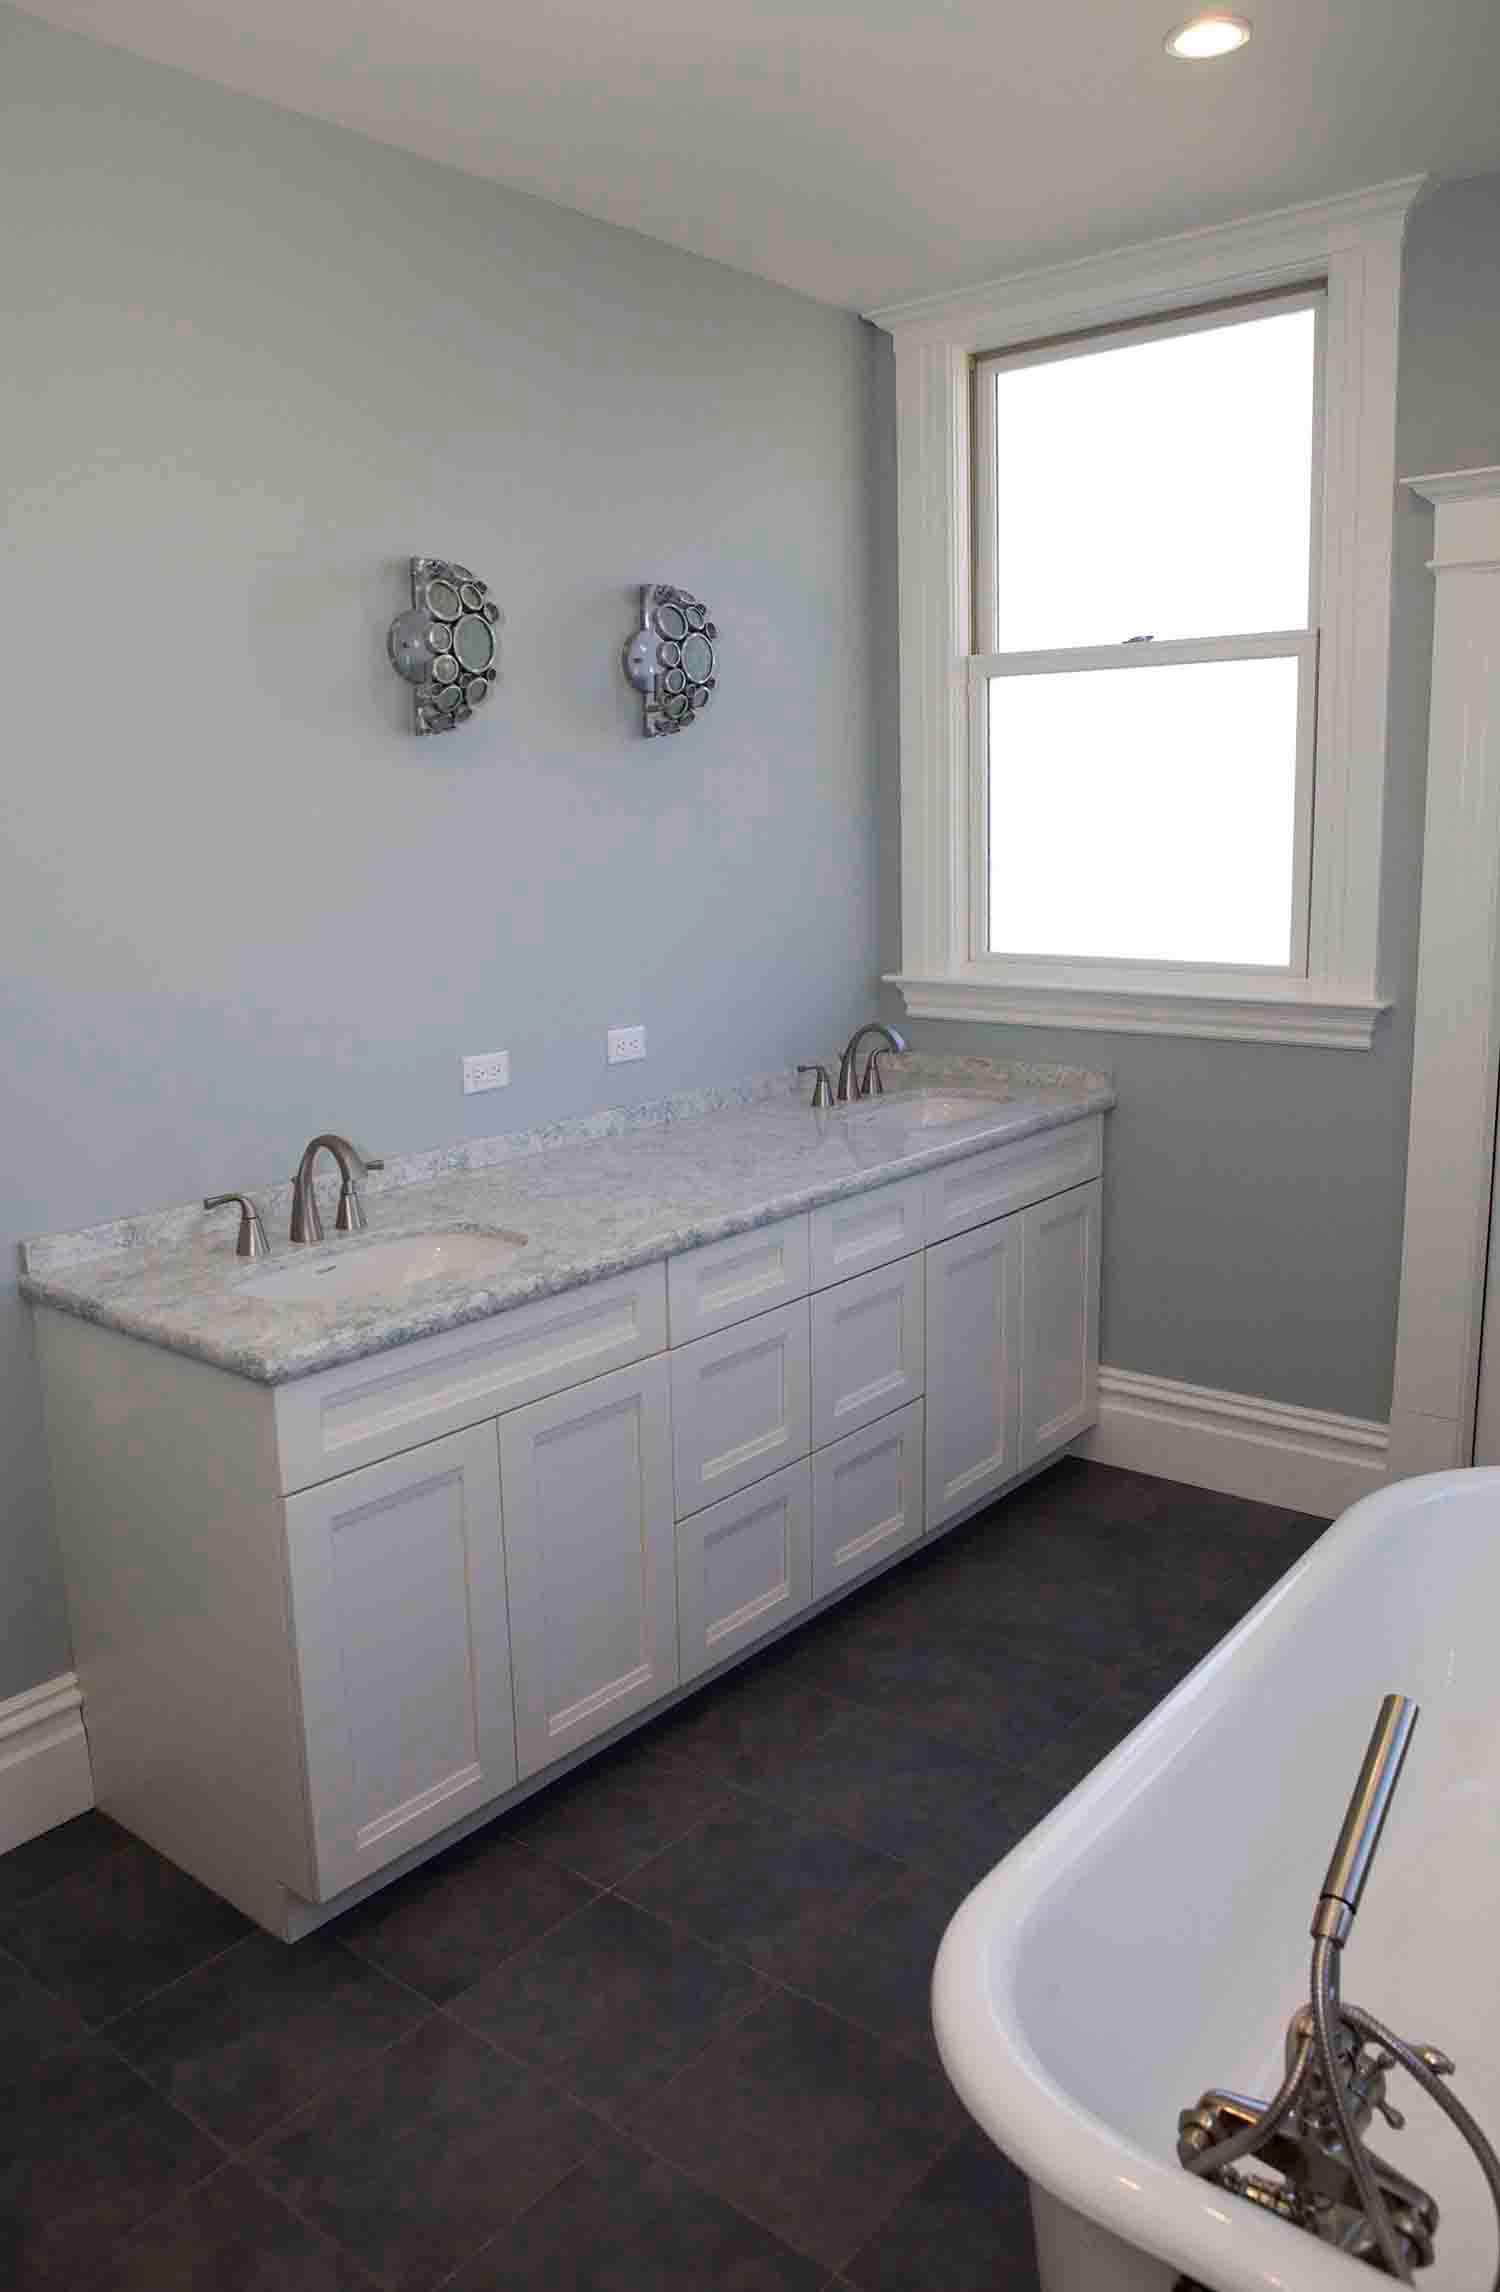 SF Bay Area Bathroom Remodel